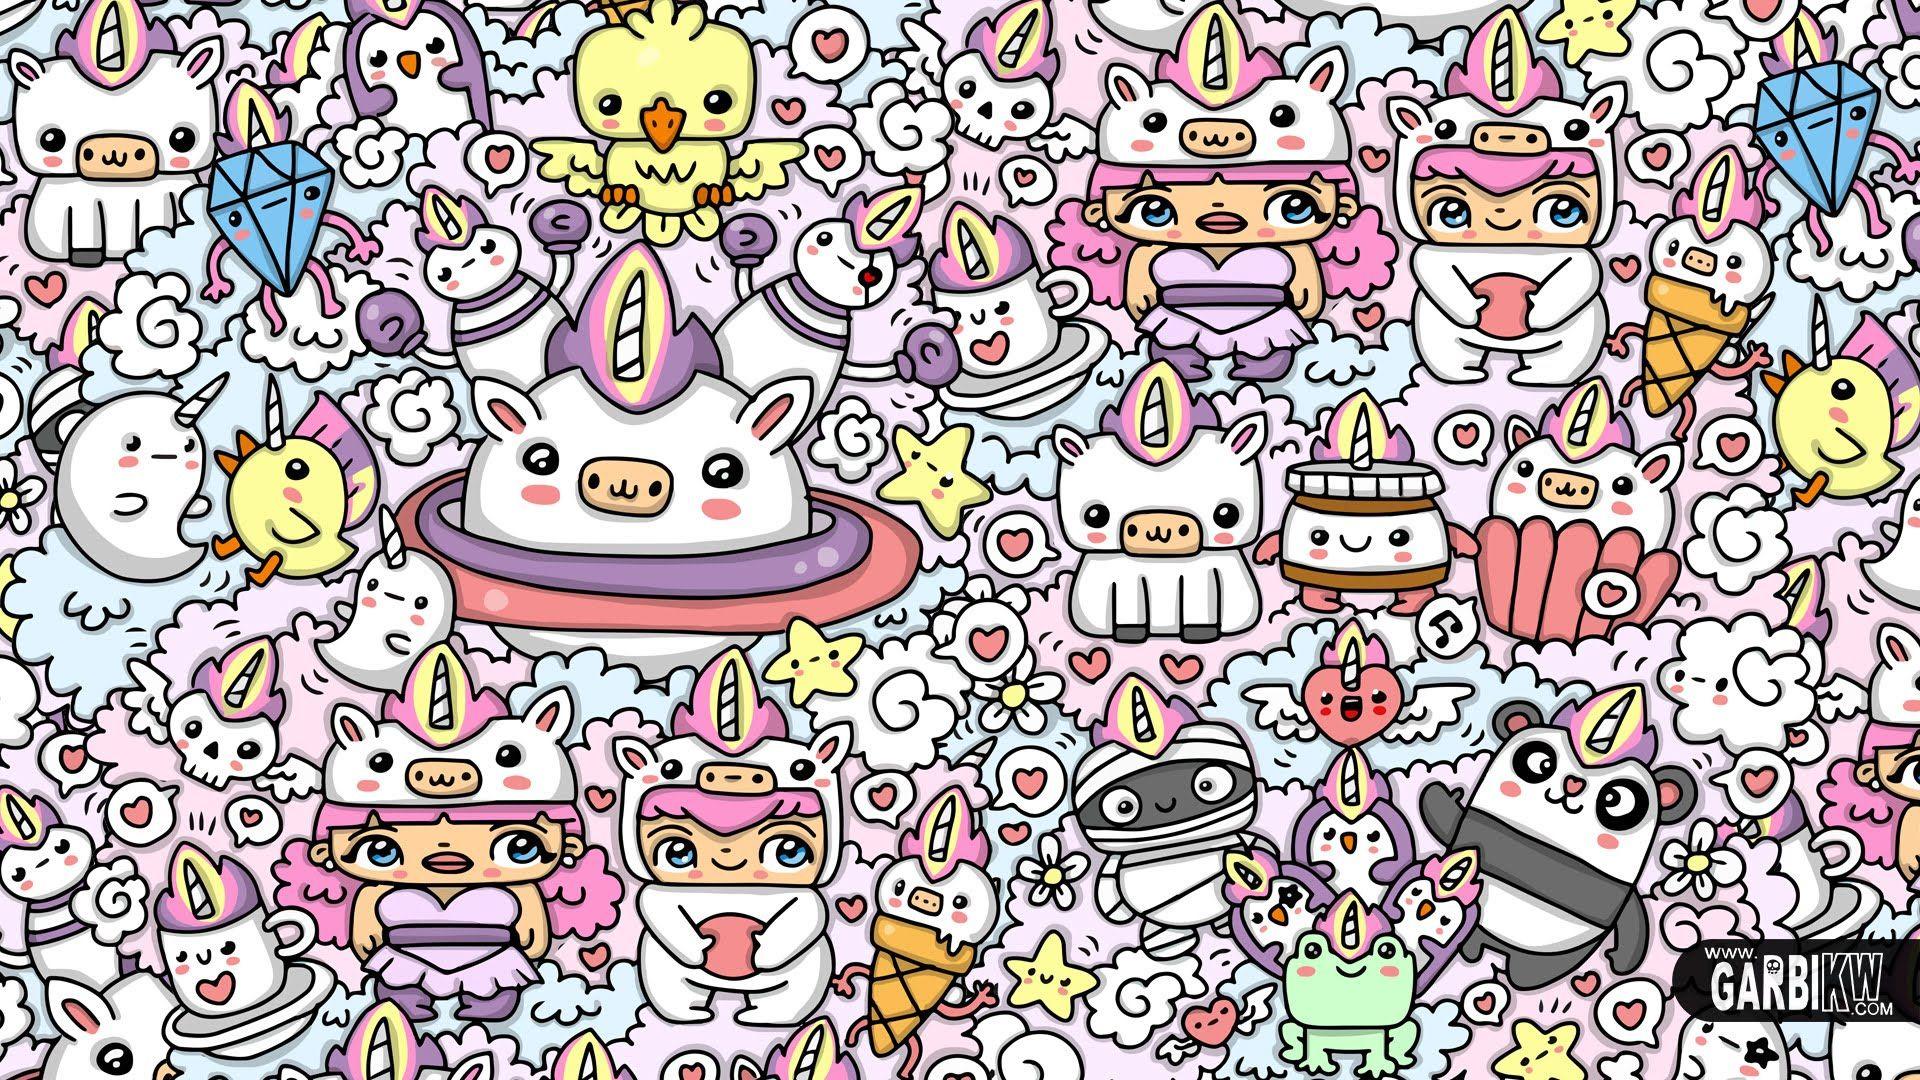 Kawaii Unicorn World Kawaii Graffiti And Cute Doodles Kawaii Unicorn Wallpaper Galaxy Unicorn Wallpaper